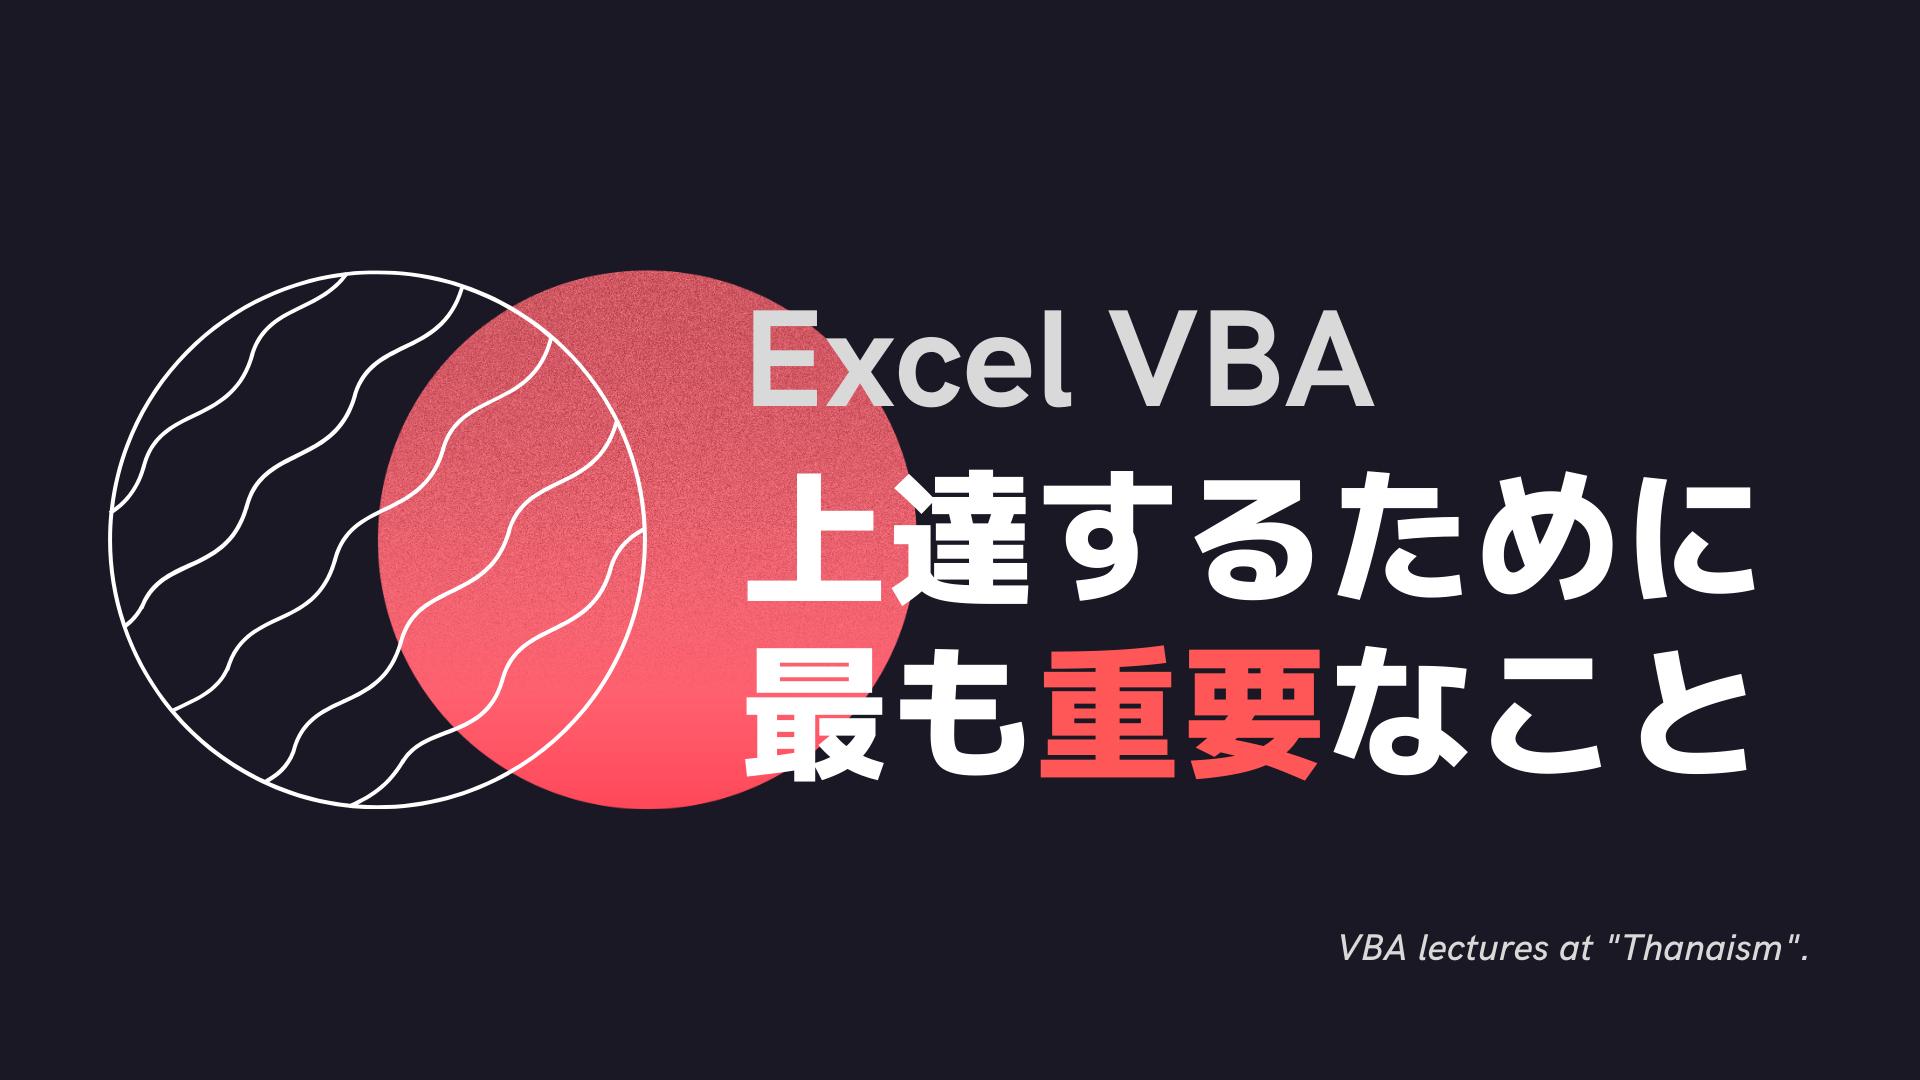 Excel VBA上達に最も重要なこと